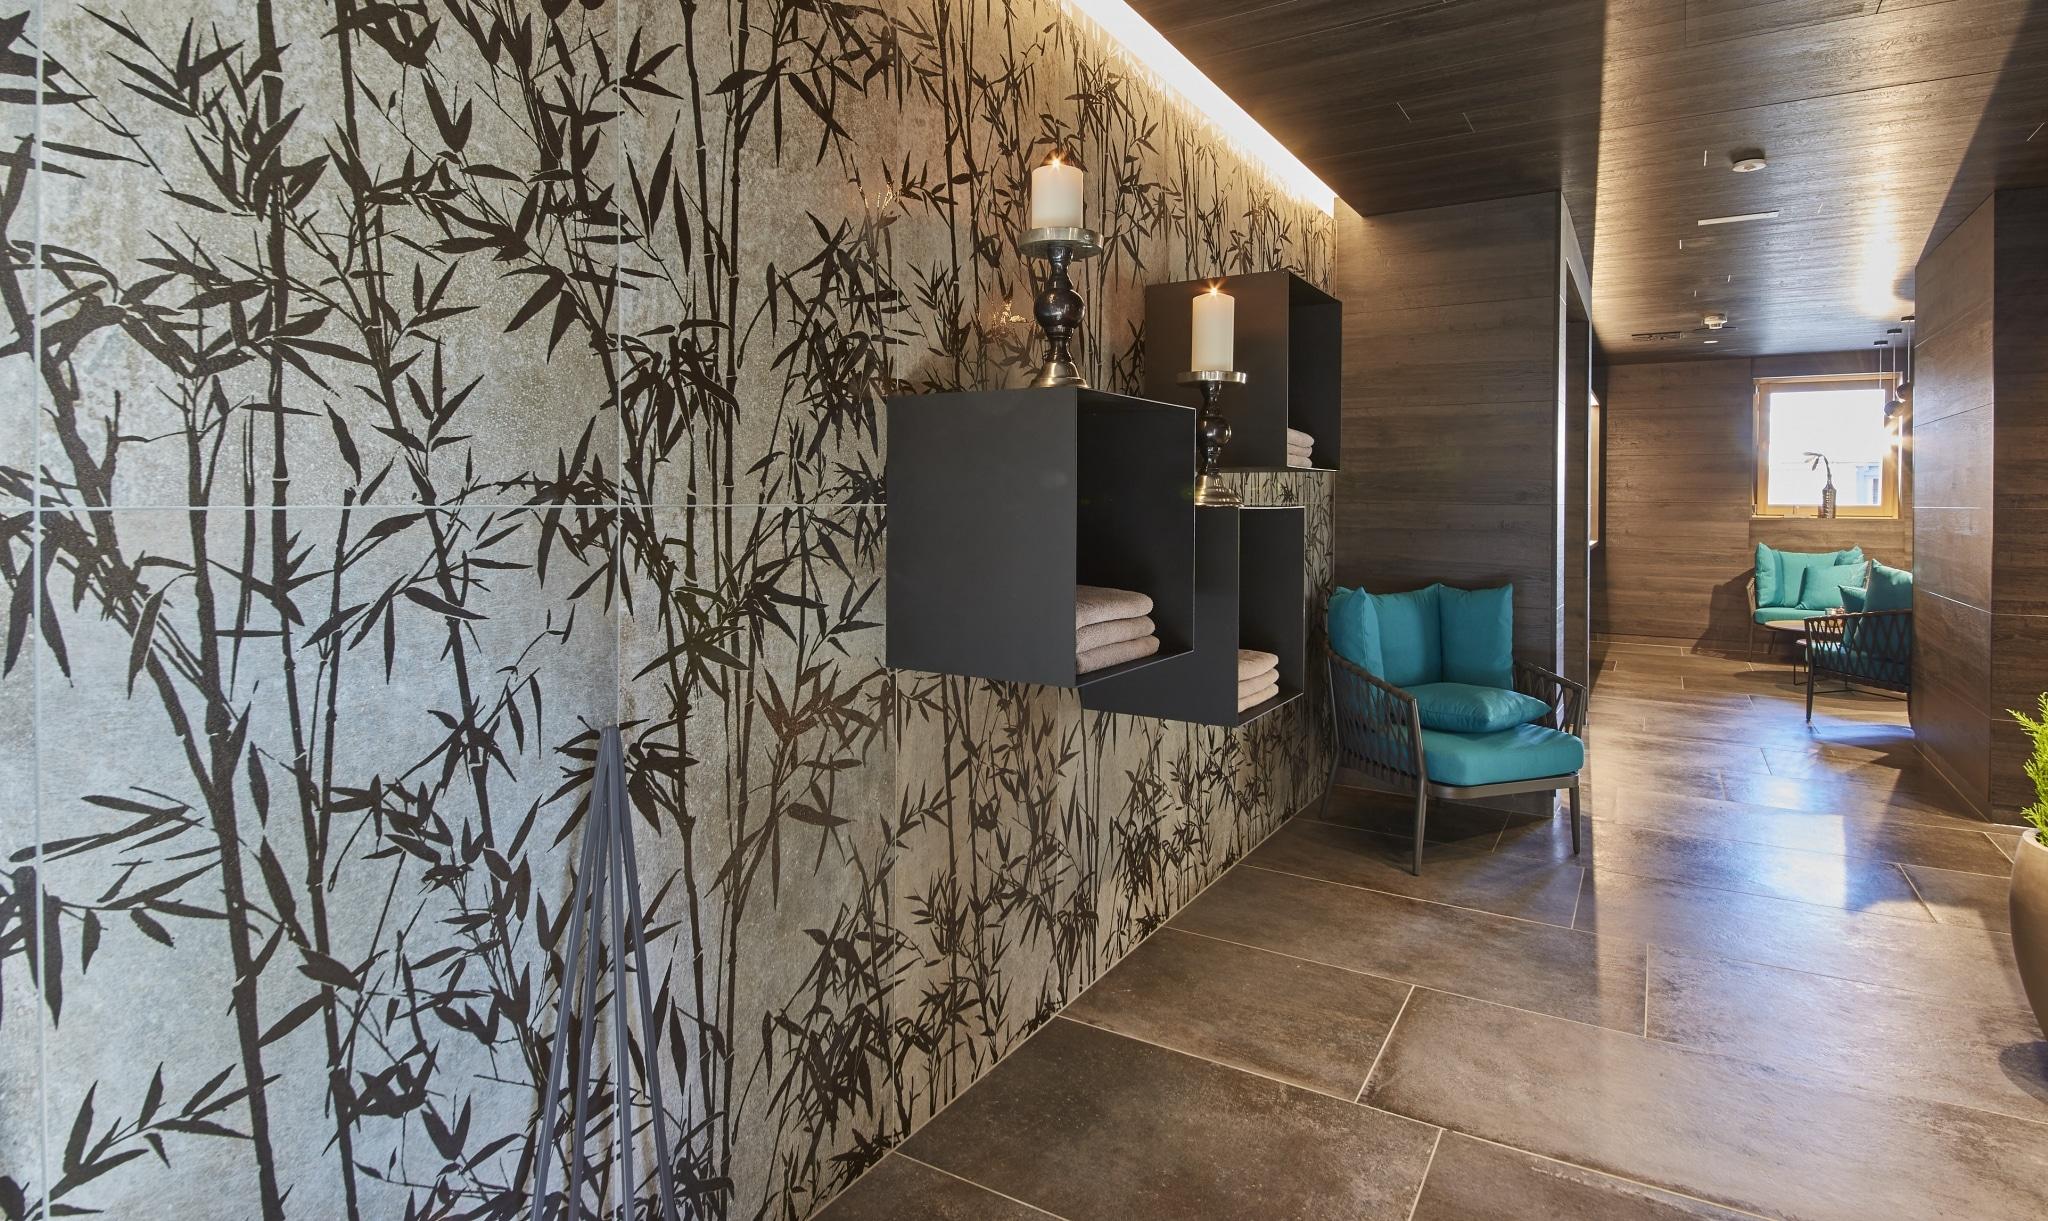 Wartebereich mit Stühlen und Dekoration an den Wänden im SPA-Bereich